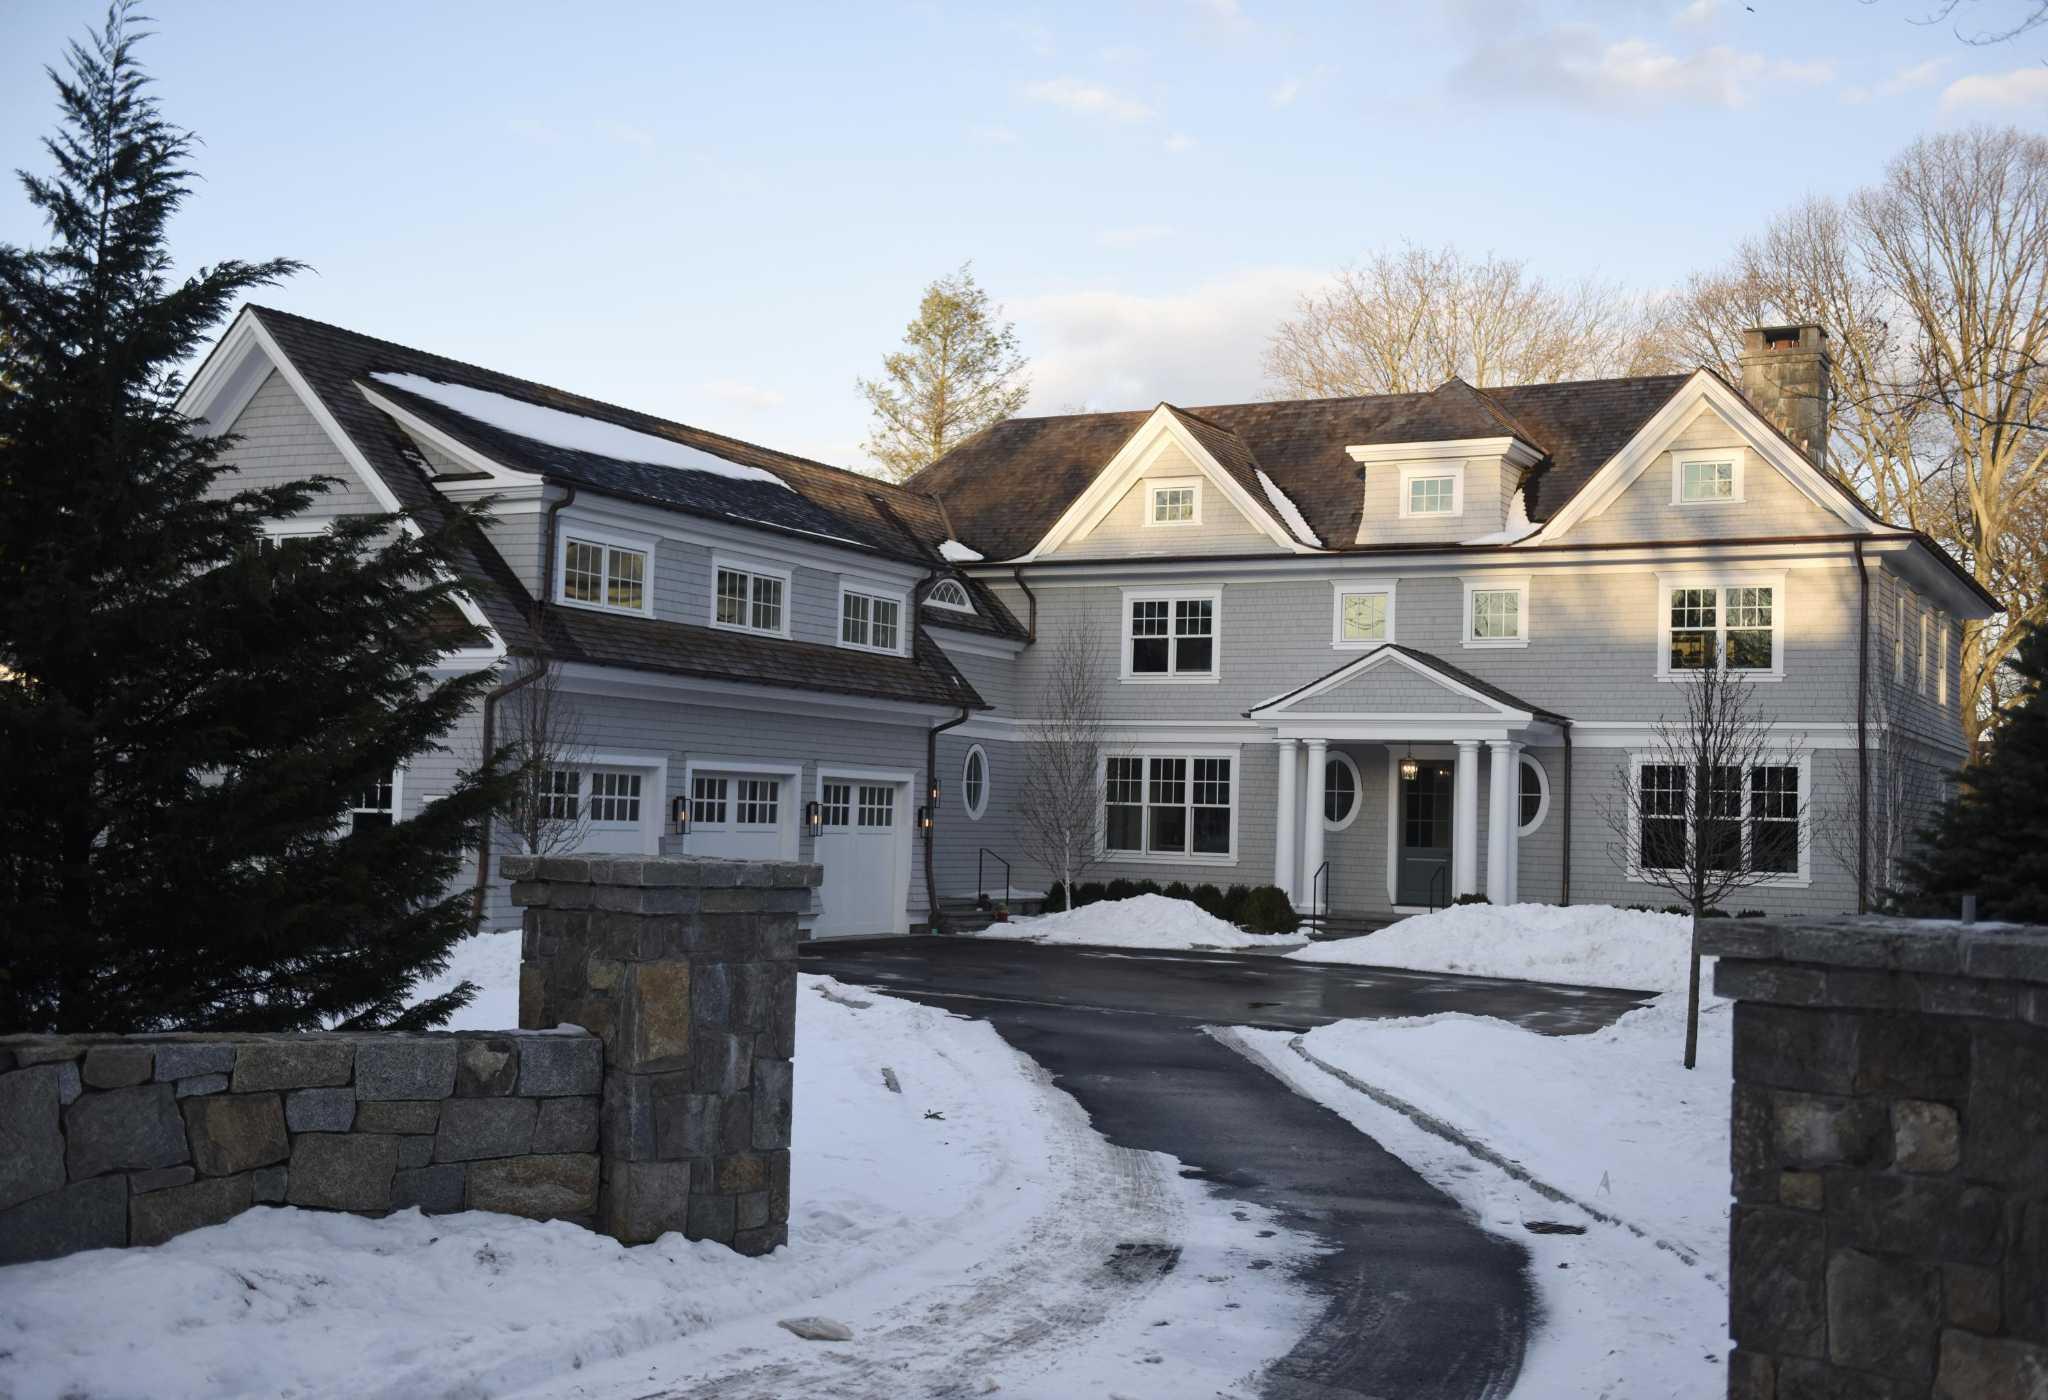 Sold: December home sales leave Realtors upbeat about market